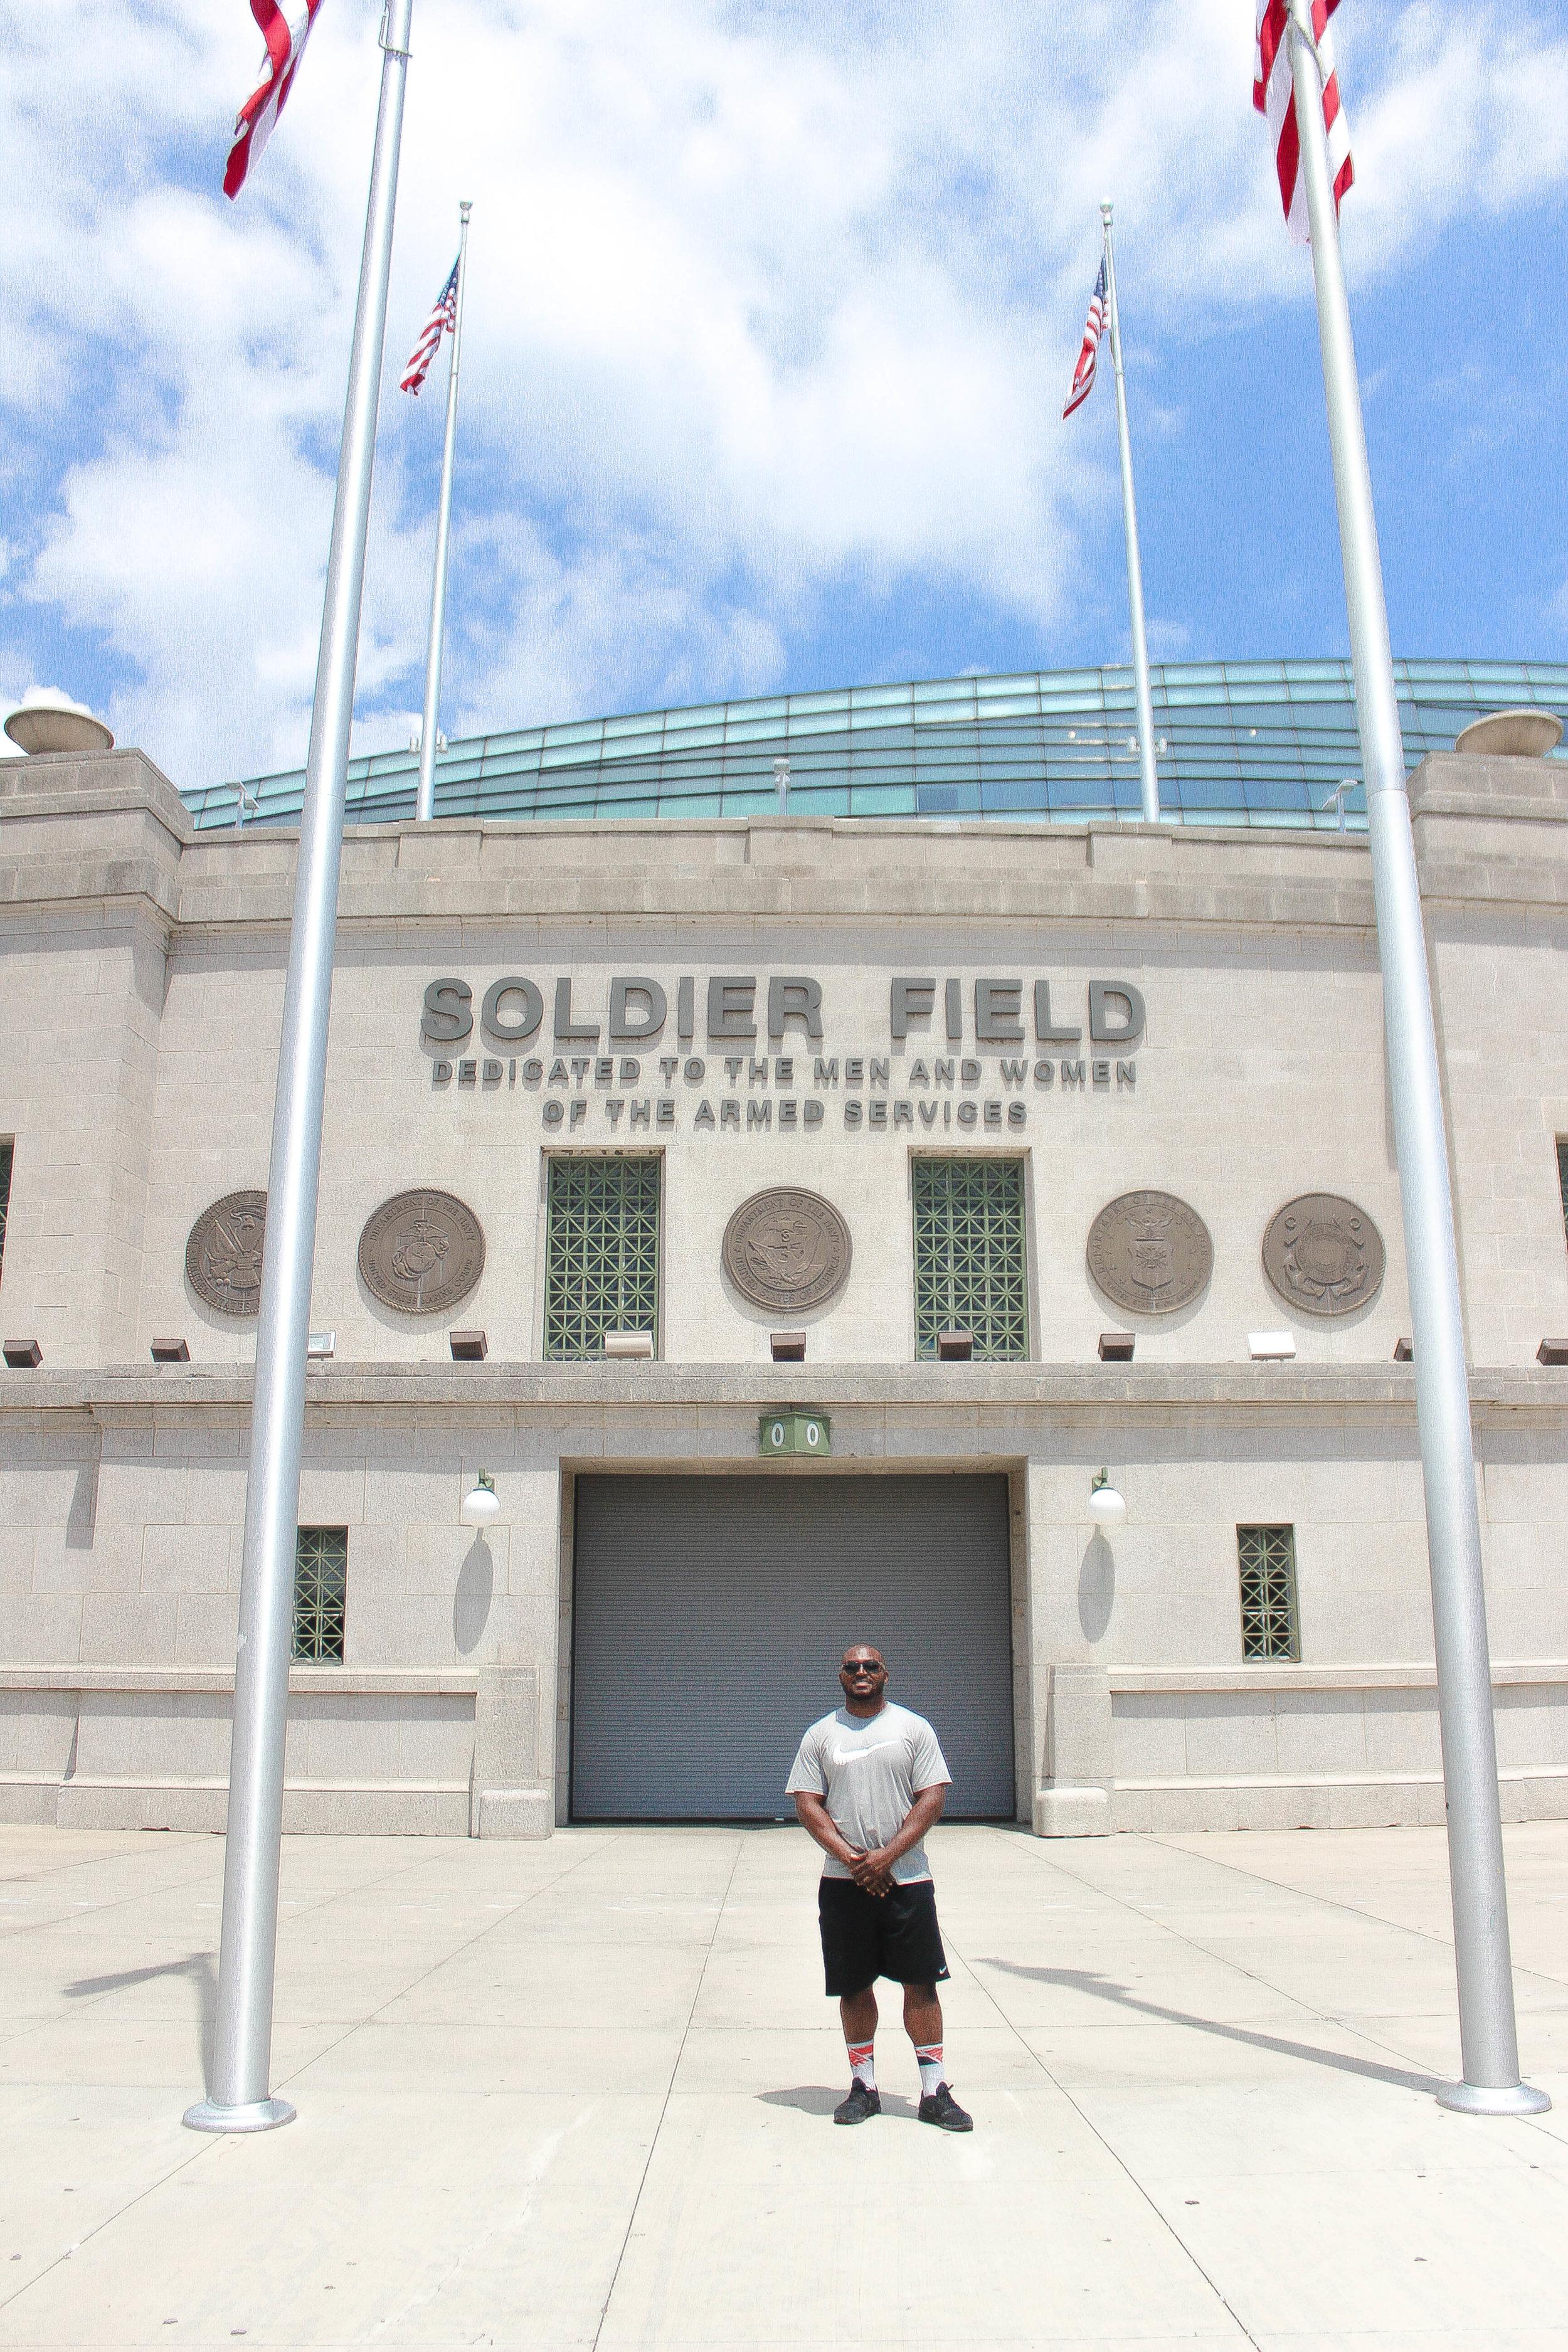 LG Soldier Field Chicago.jpg